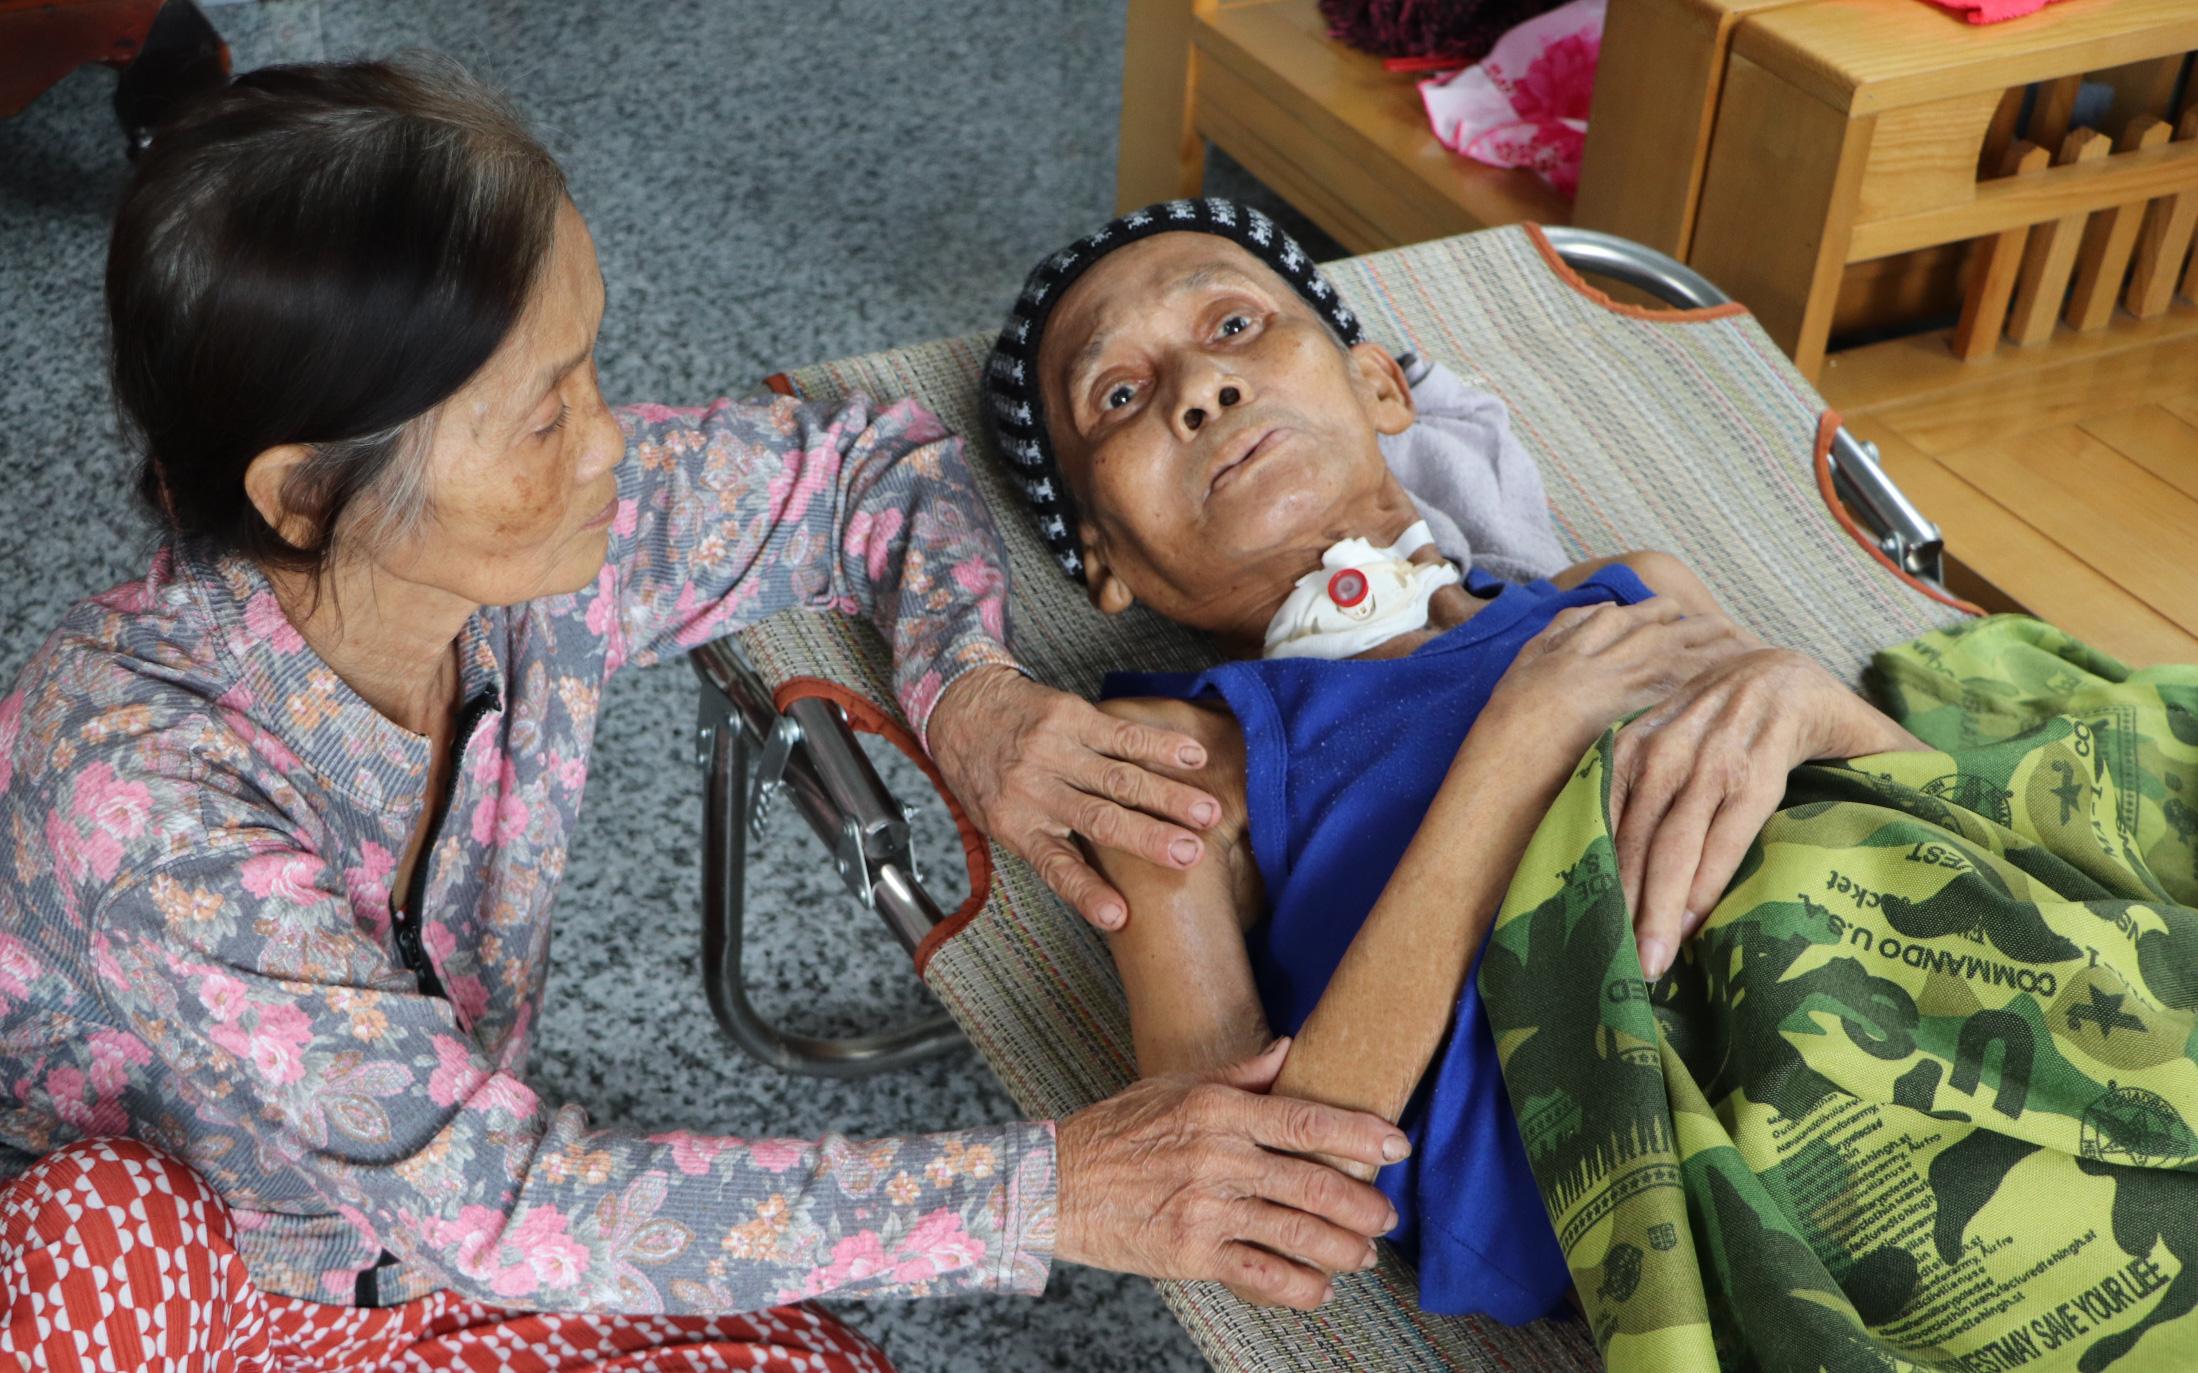 """Xót cảnh cụ bà chăm chồng lở loét khắp người, muốn đưa đi viện nhưng không đủ chi phí: """"Ổng chỉ mong chết đi cho bà bớt khổ"""""""